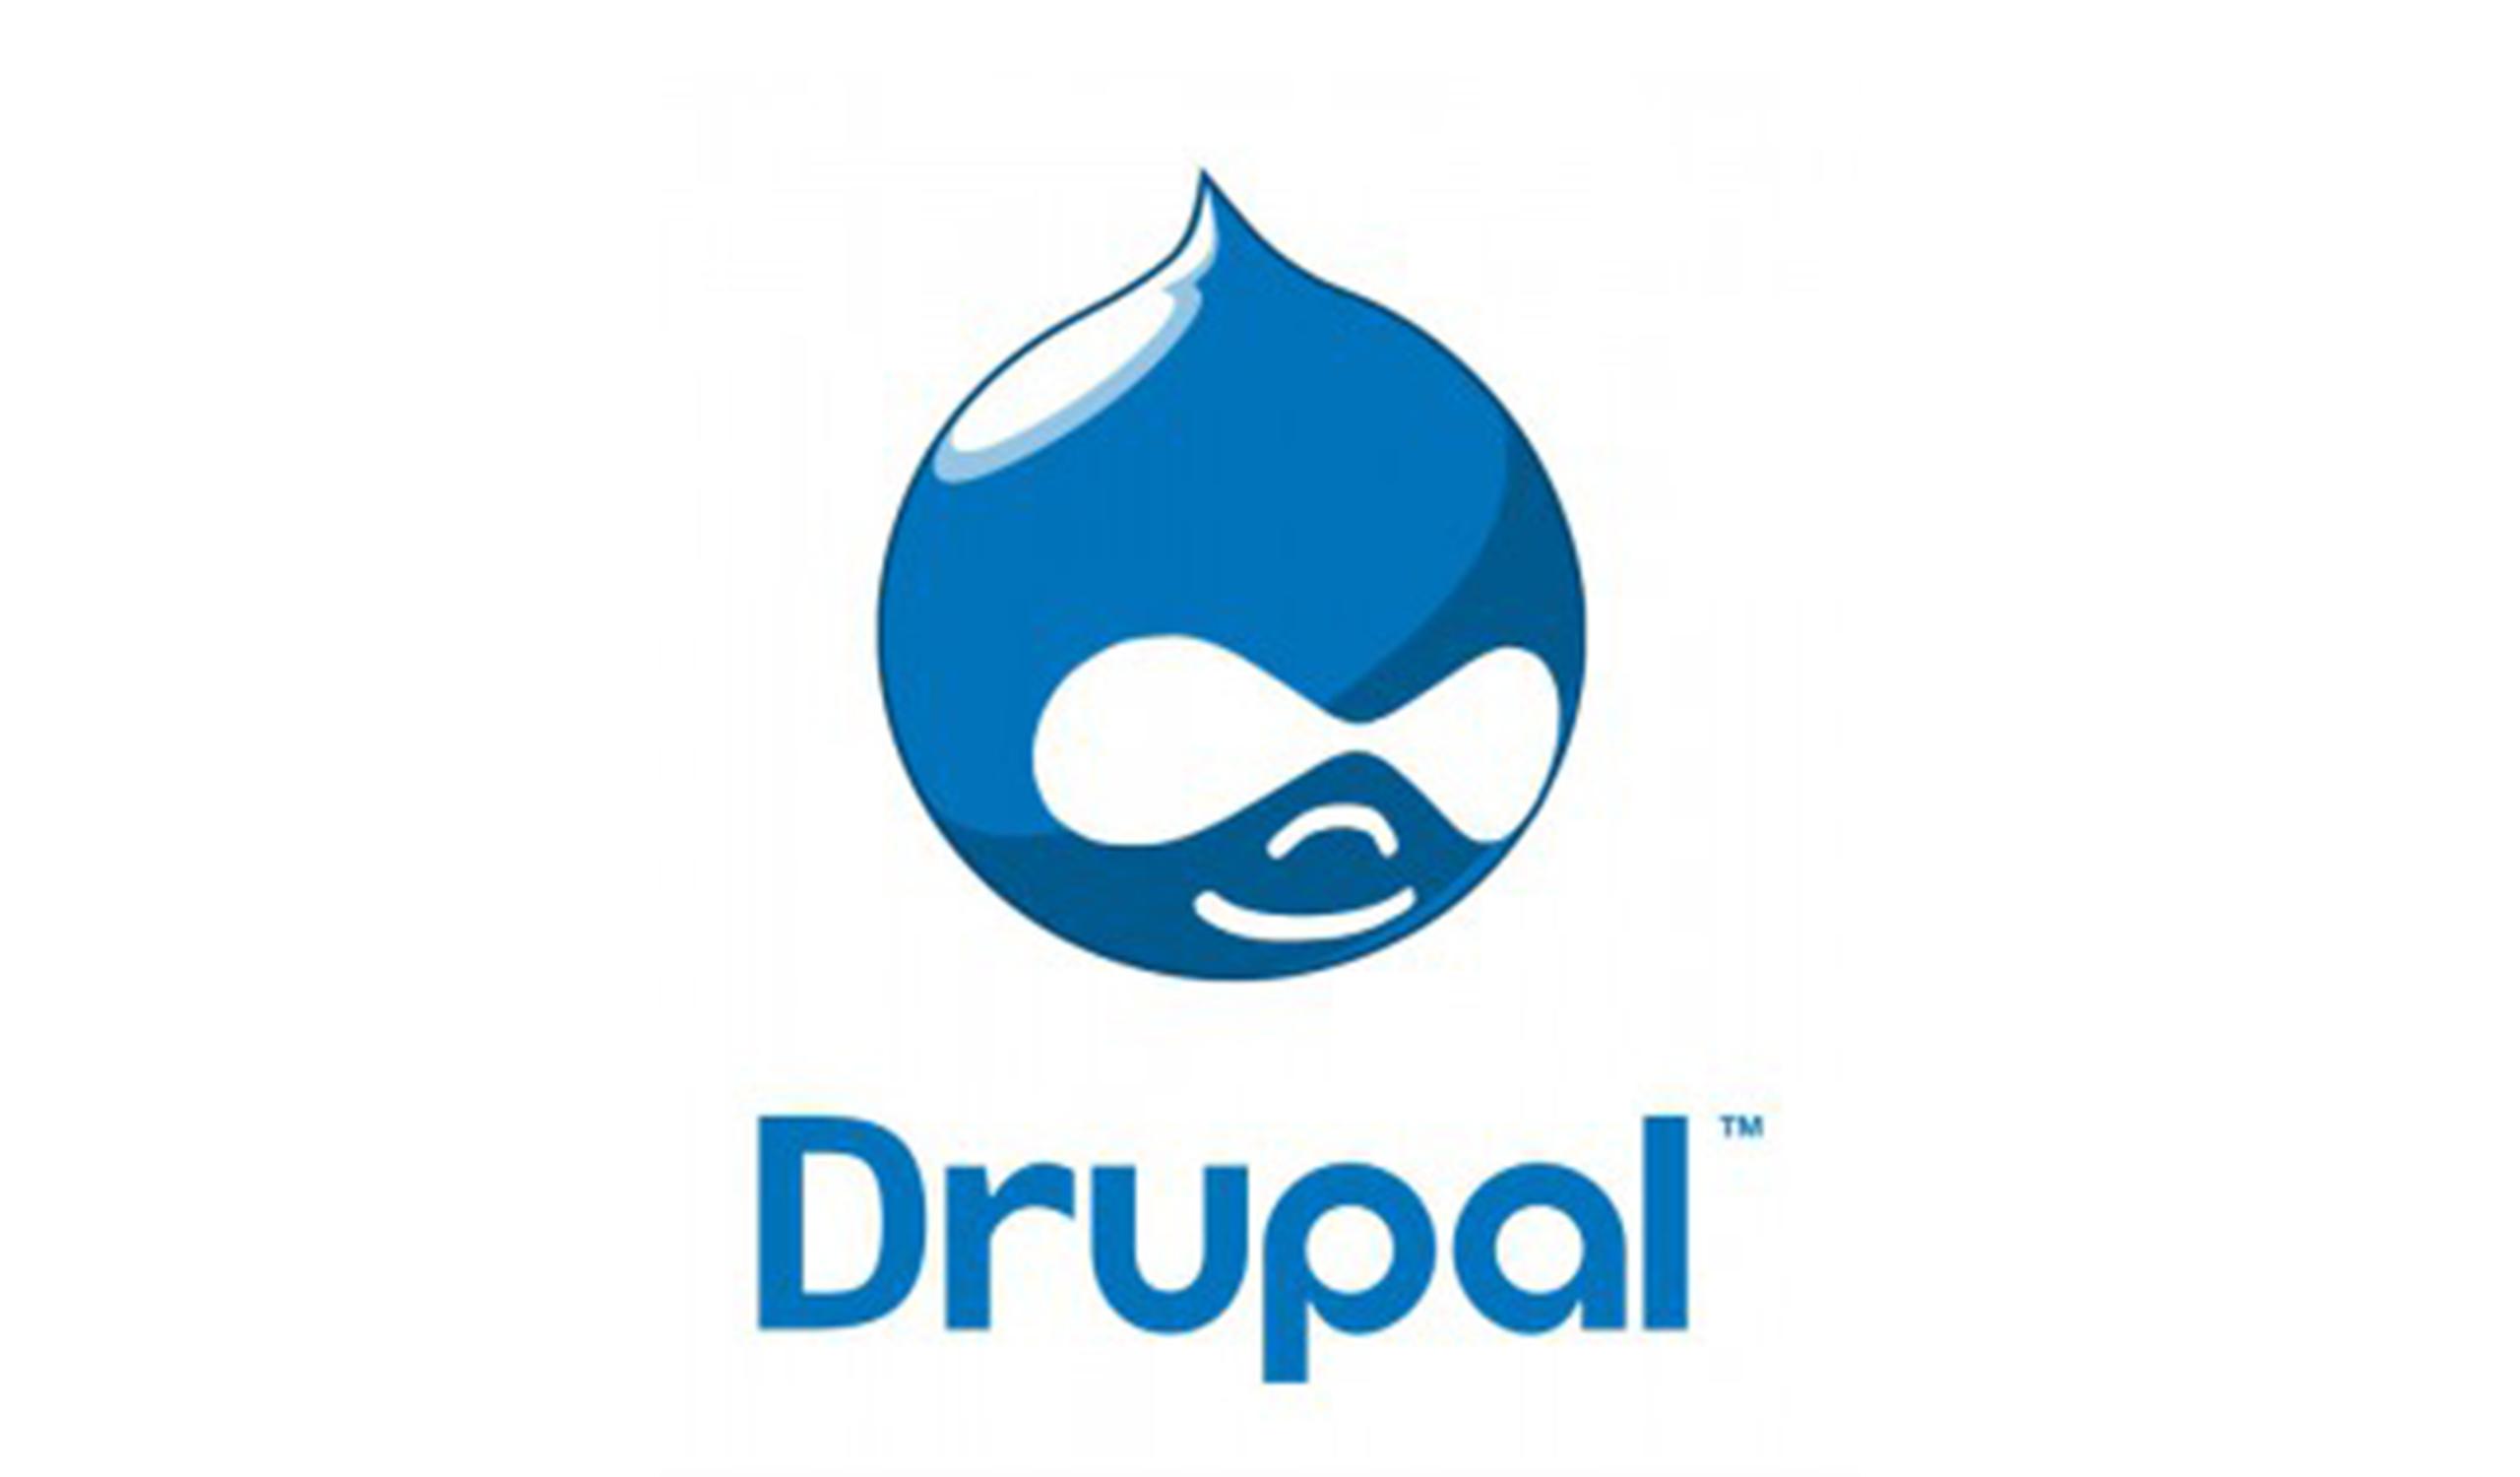 cuckhoo-web-design-digital-marketing-industry-skills-drupal